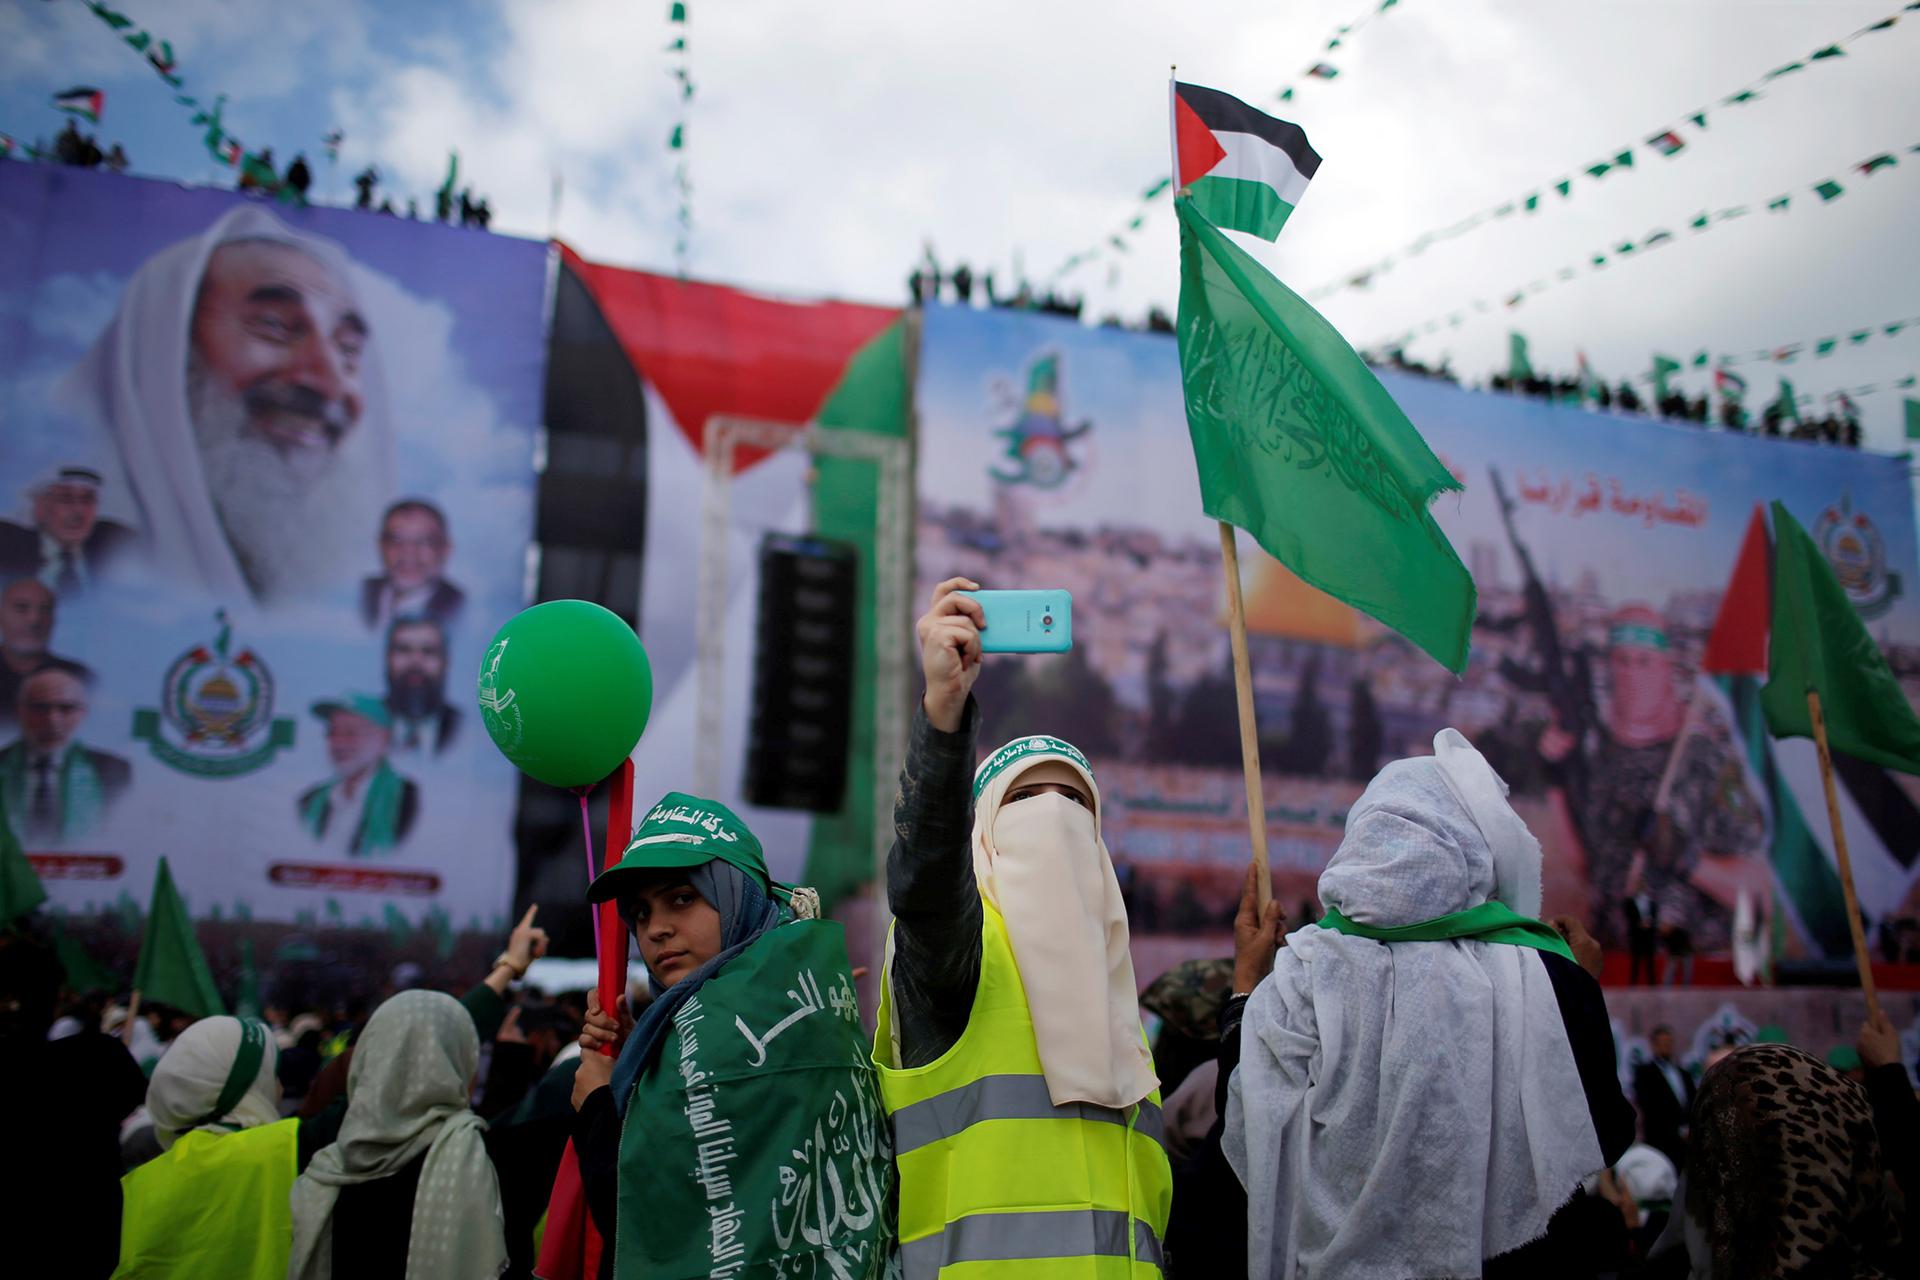 La decisión de Trump con respecto a Jerusalén provocó una ola de disturbios (Reuters)